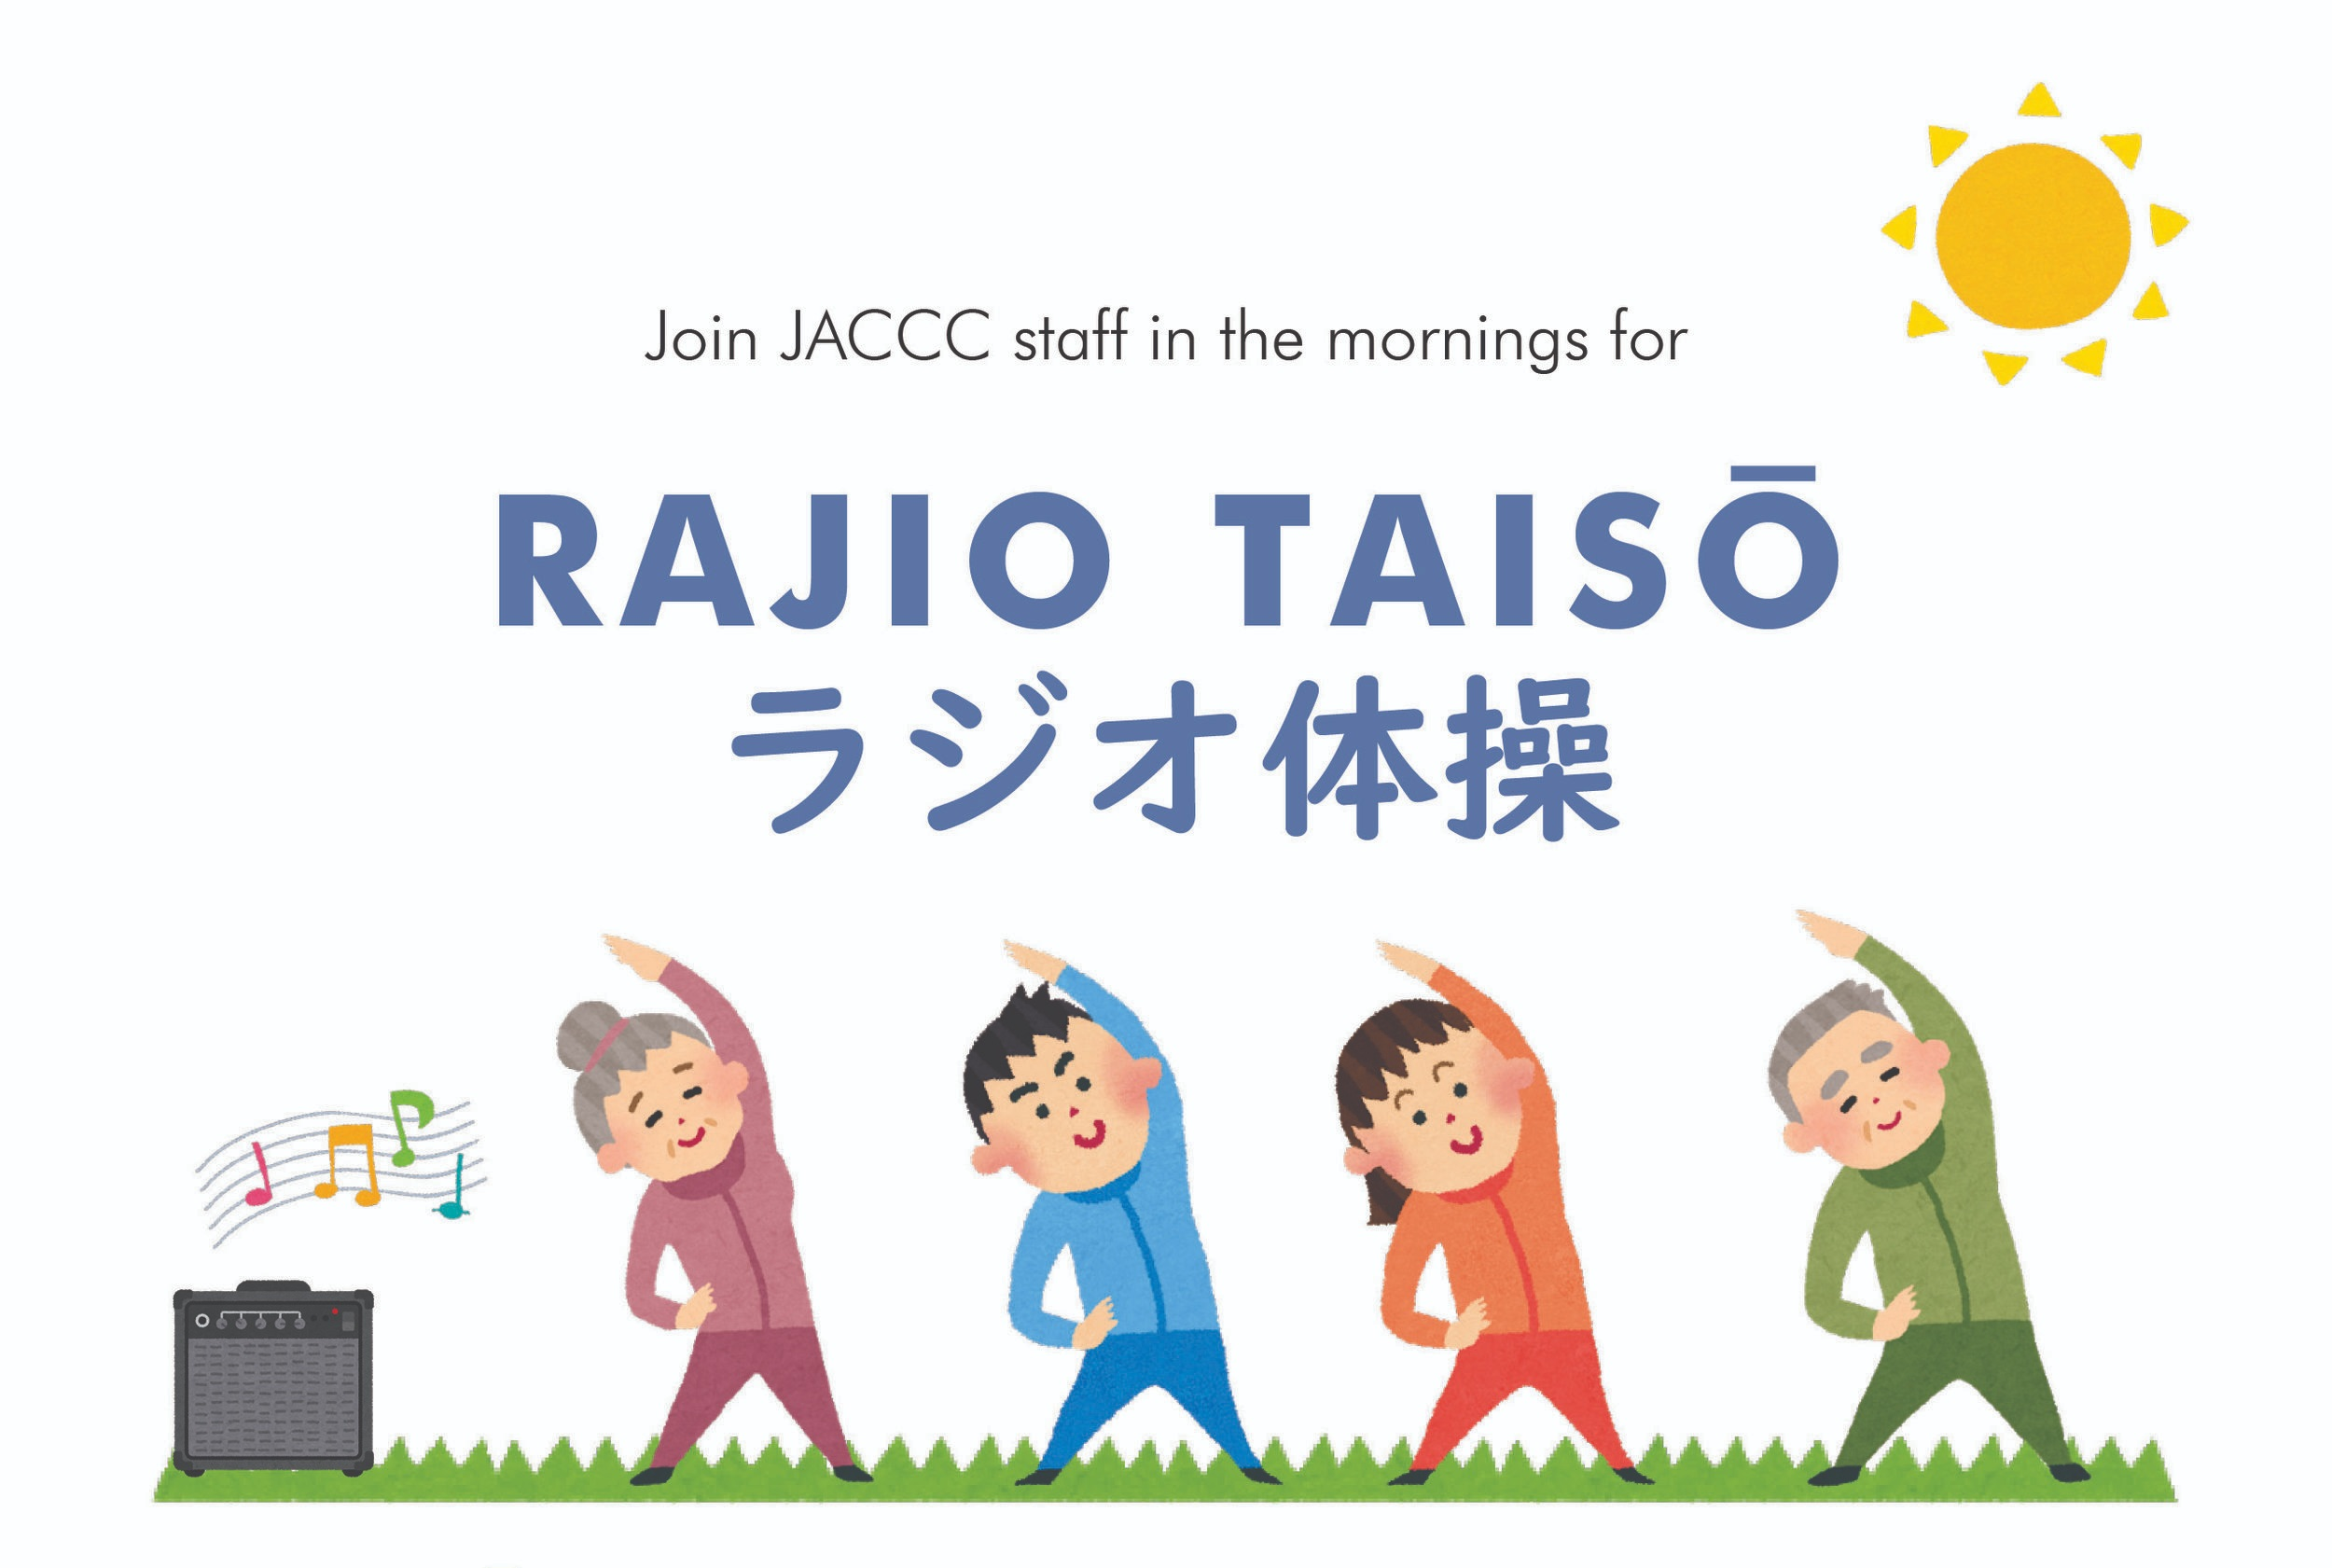 Kết quả hình ảnh cho Rajio Taiso